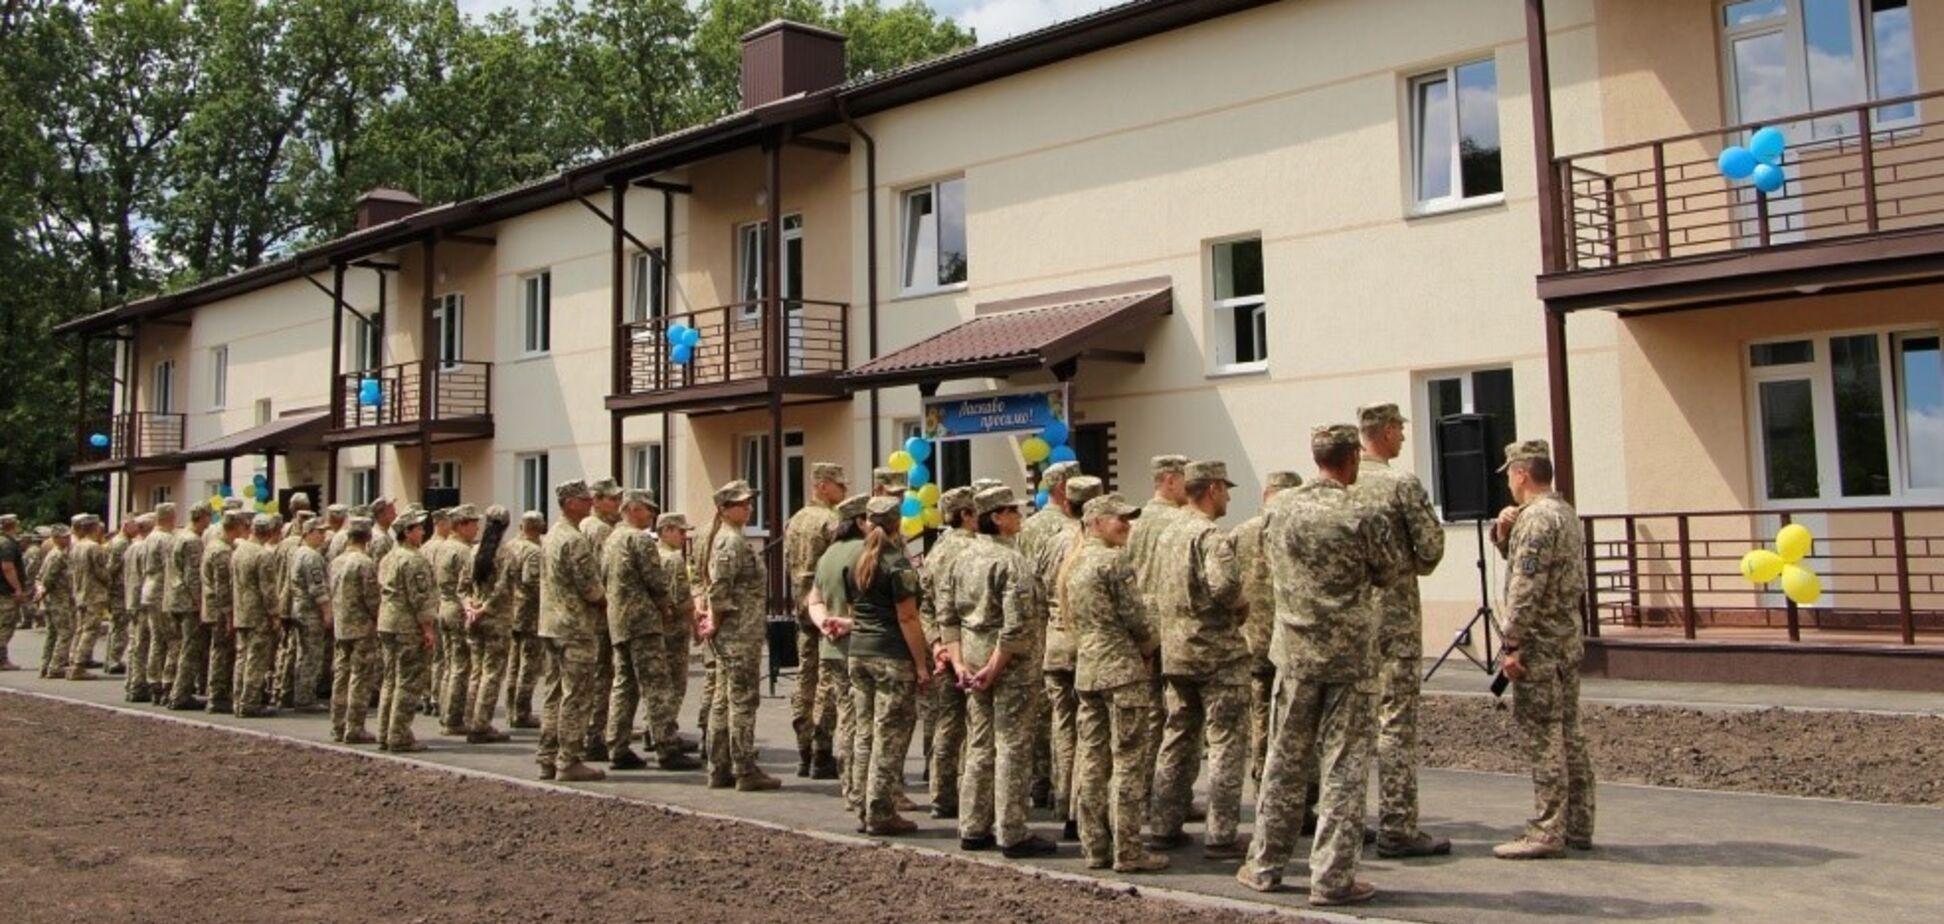 Будинок . Джерело: Ярослав Зорін/АрміяInform